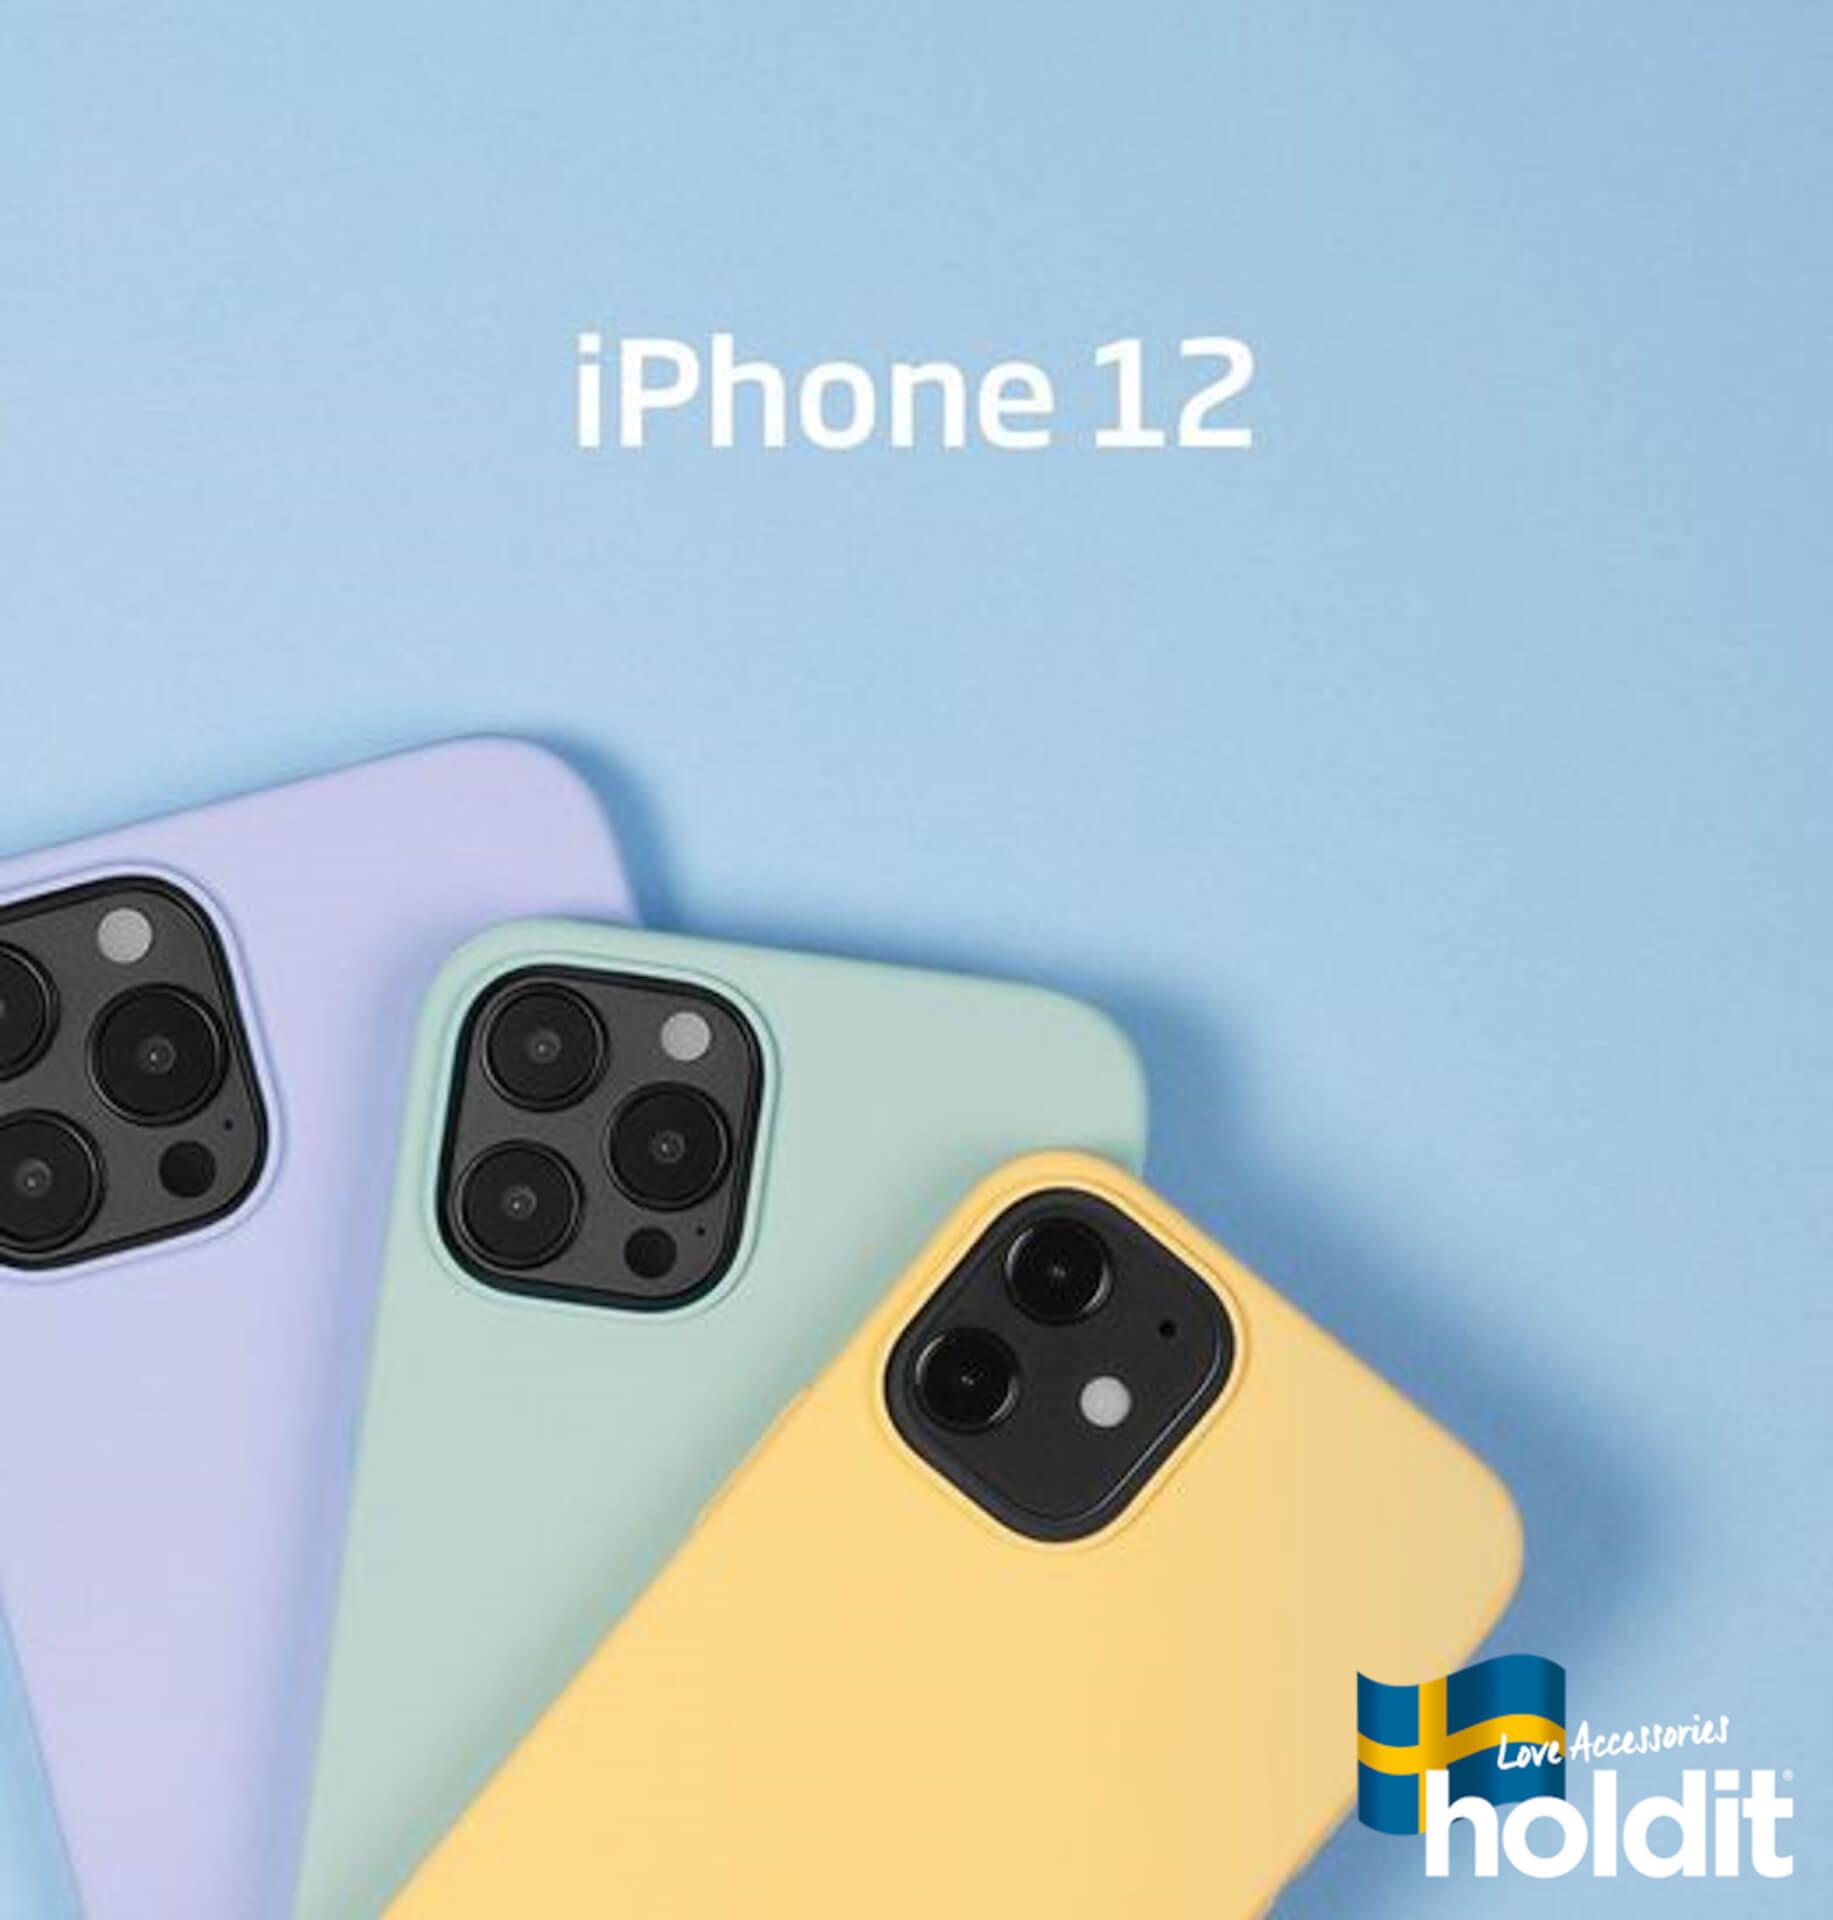 豊富なカラーバリエーションが人気のHolditシリコンケースにiPhone 12シリーズ専用ケースが登場! tech201022_iphone12_case_5